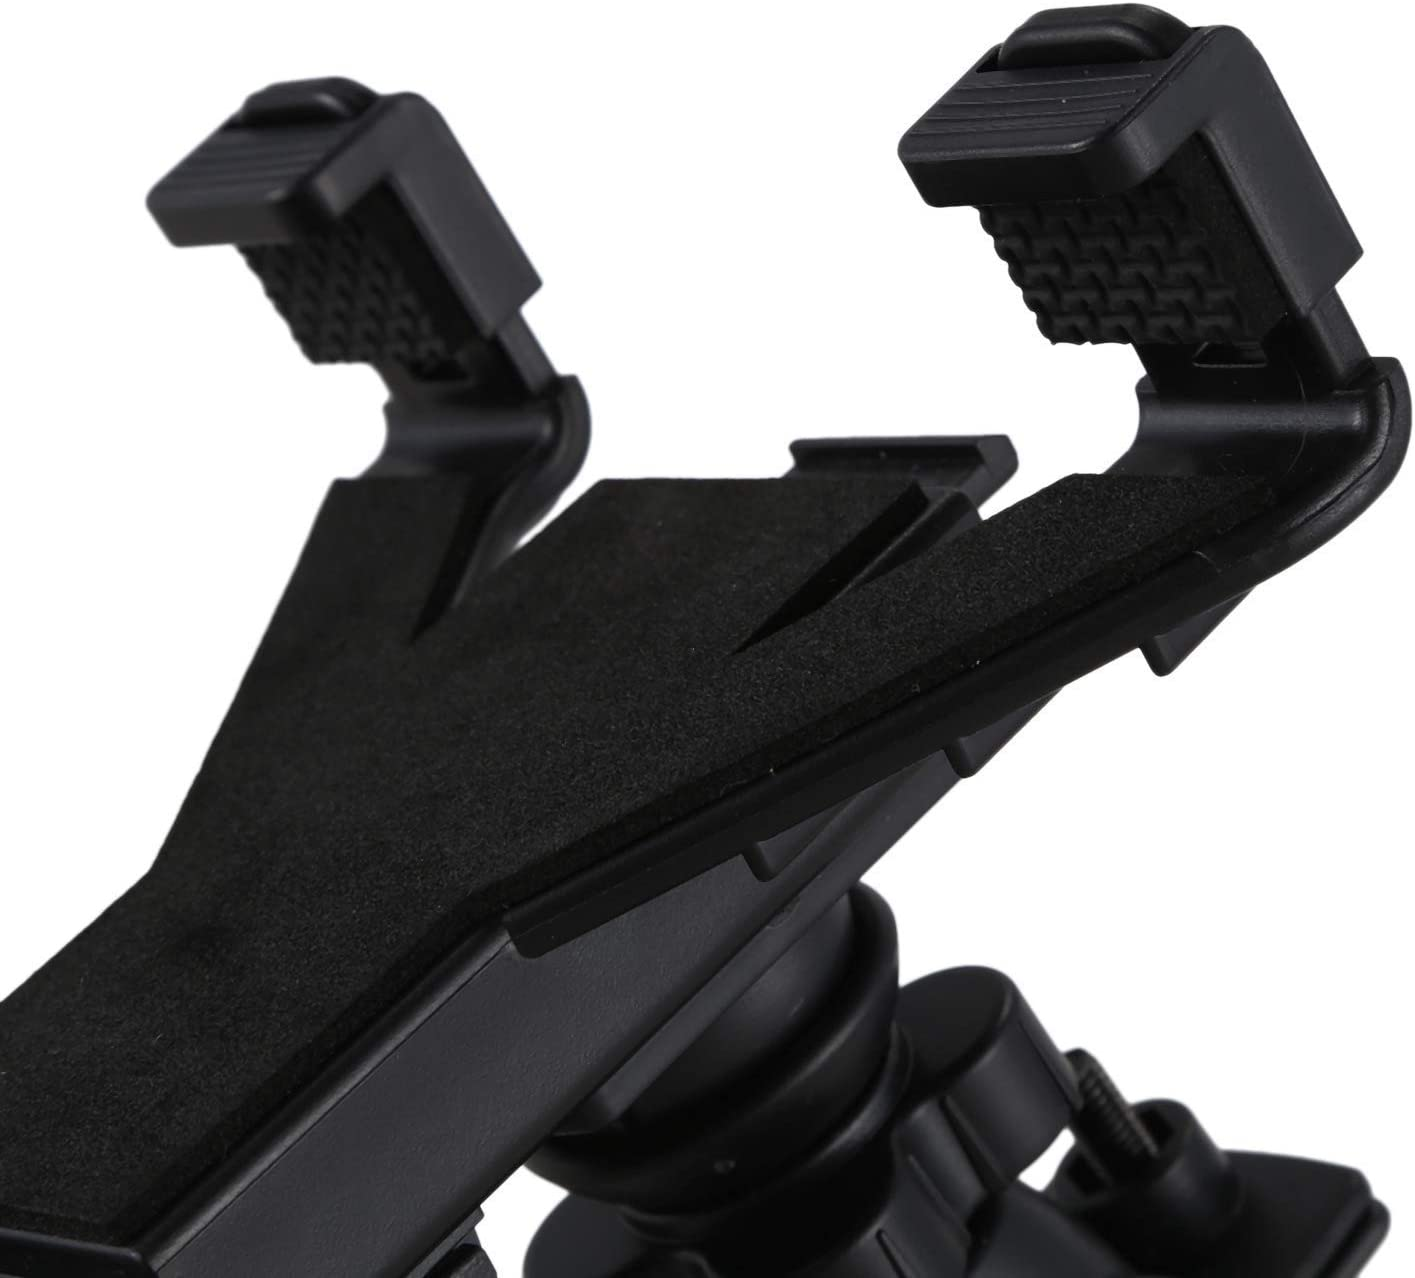 JK-2 Musique Microphone Support /à Montage pour Ipad 2 3 5 Sam Tab Nexus 7 7 Pouces 11 Pouces Tablet